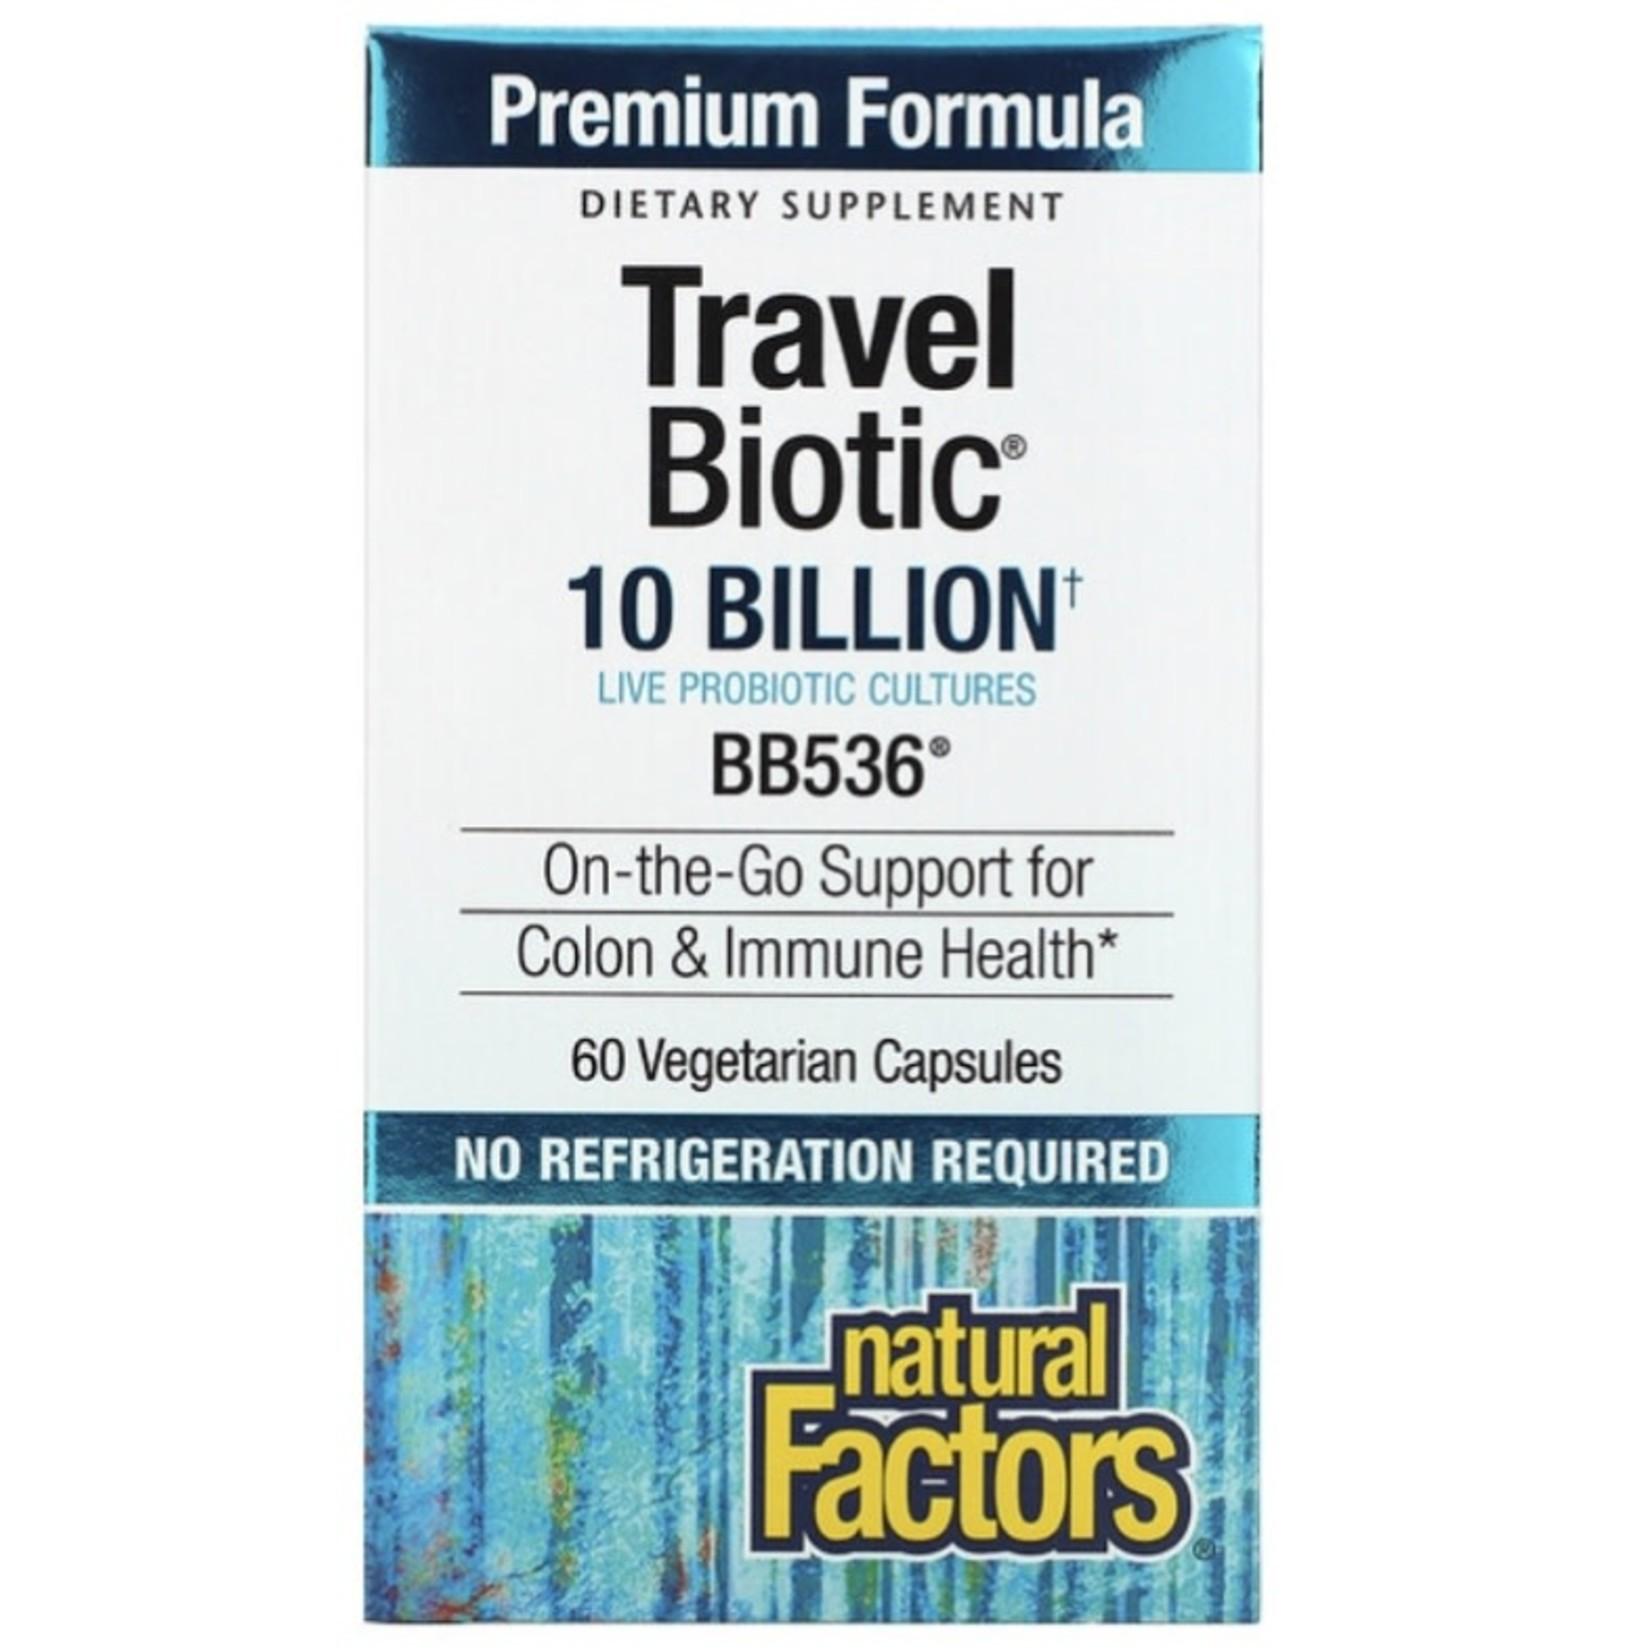 Natural Factors Natural Factors Travel Biotic 60 caps